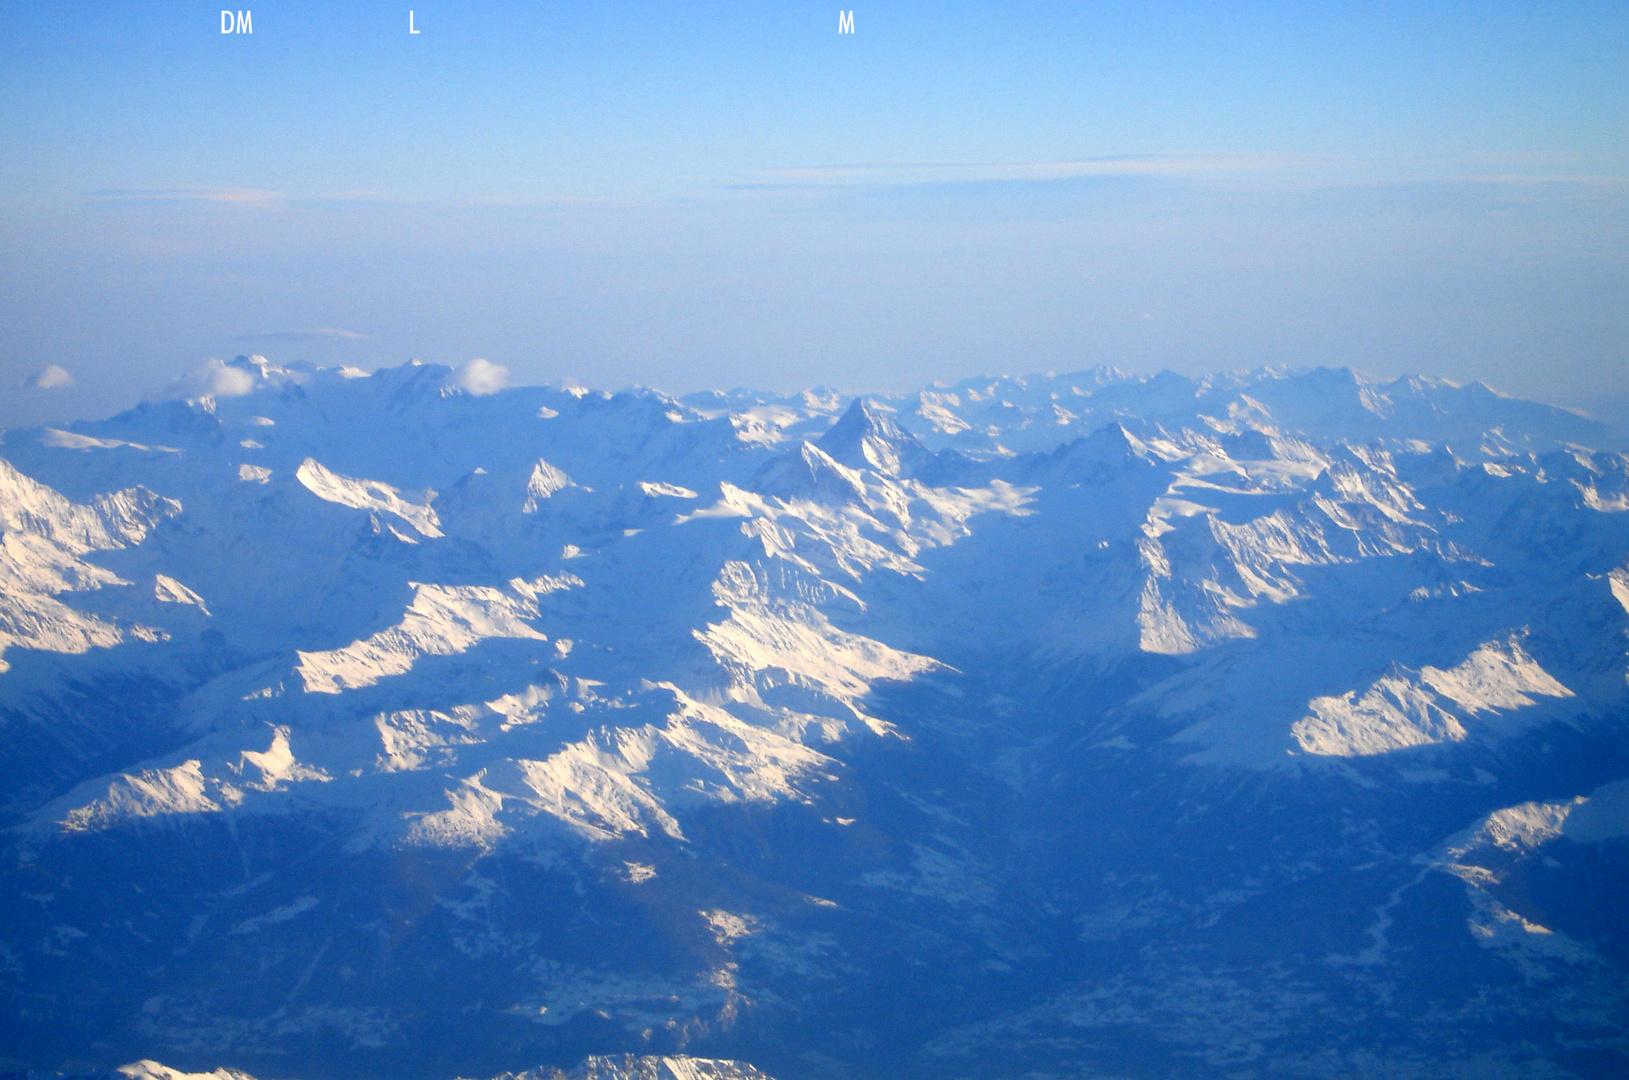 Winter im Hochgebirge, aus der Luft betrachtet (5) - Schweizer Viertausender